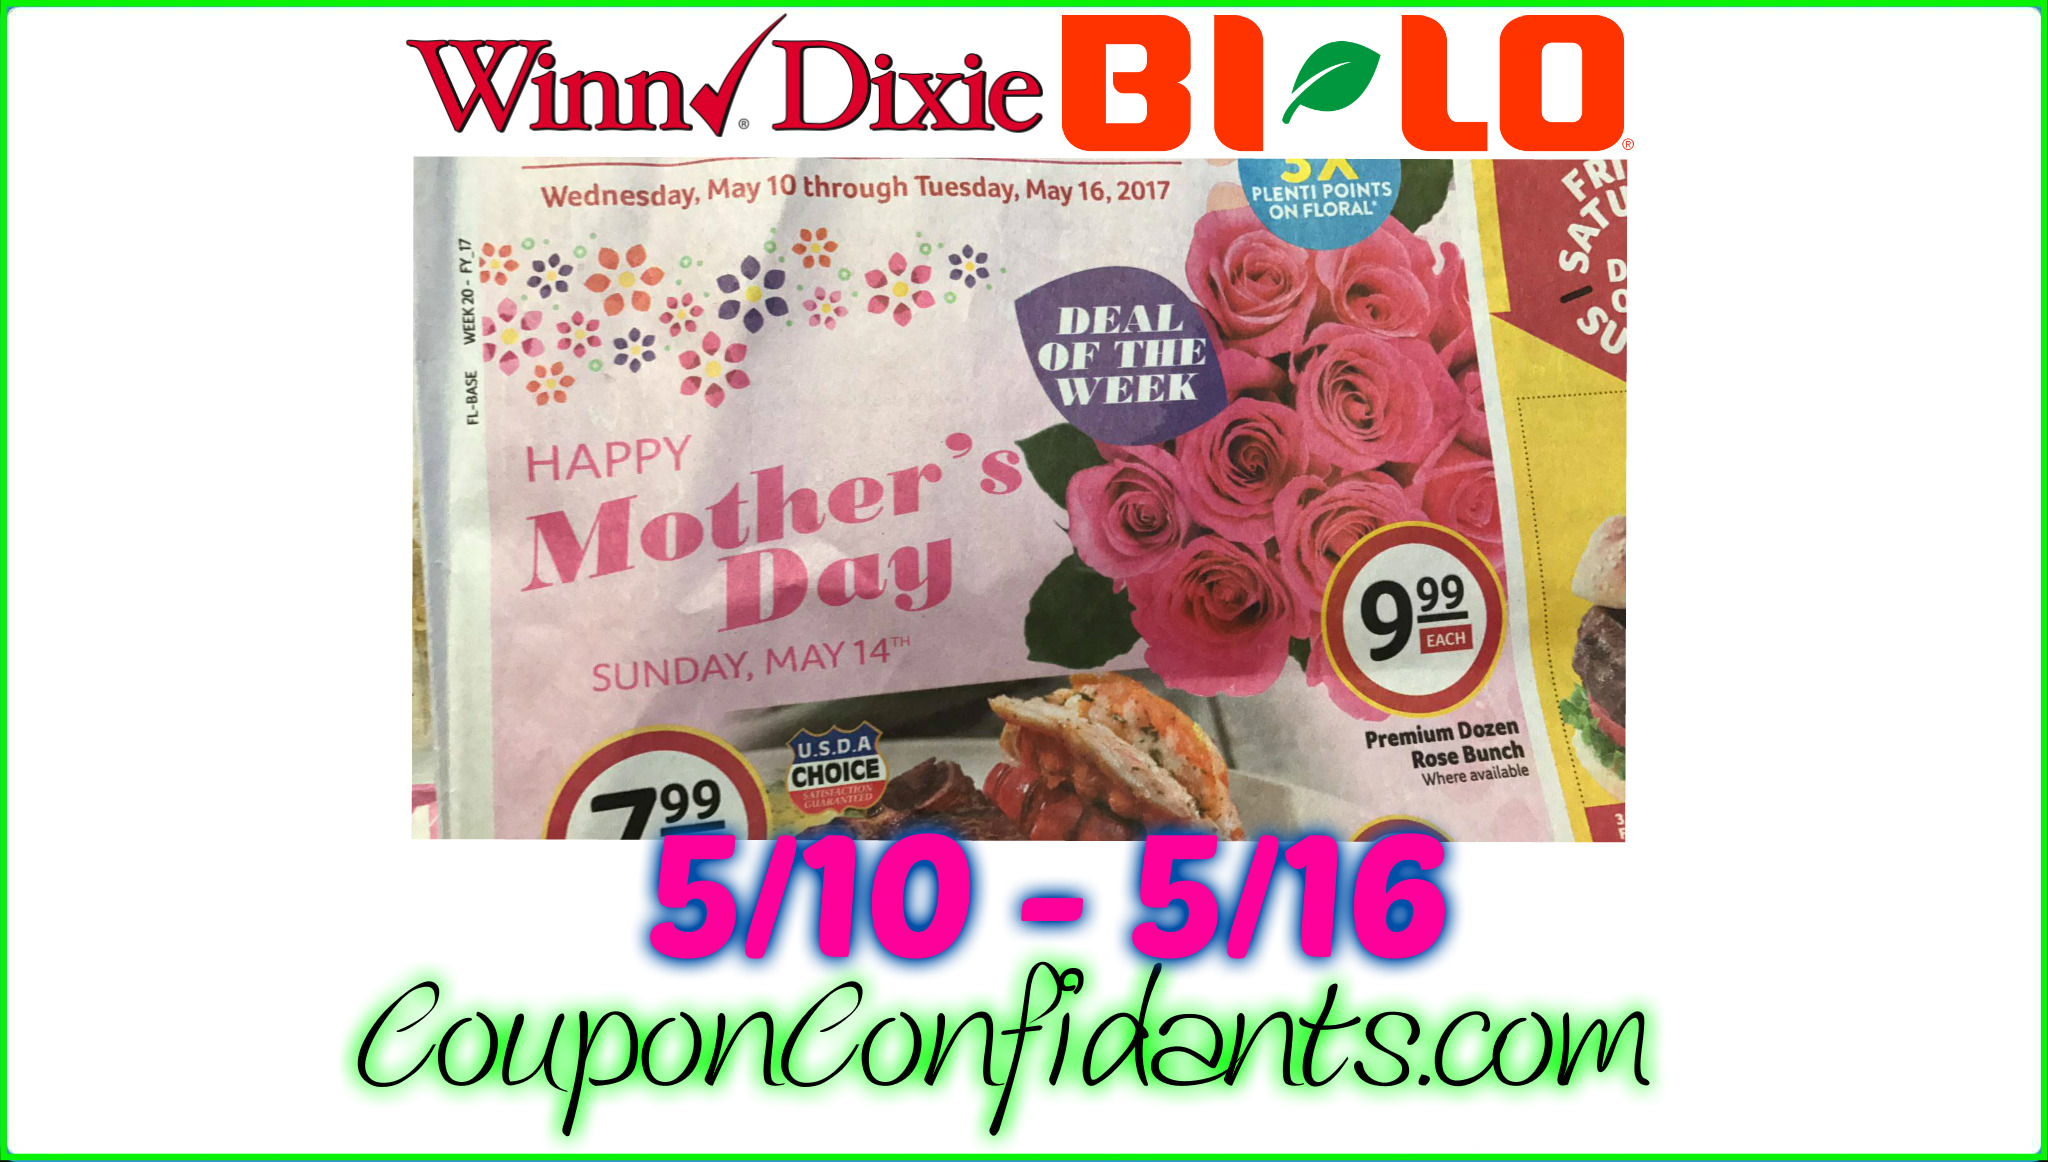 Bi-lo Best Deals 5/10 - 5/16